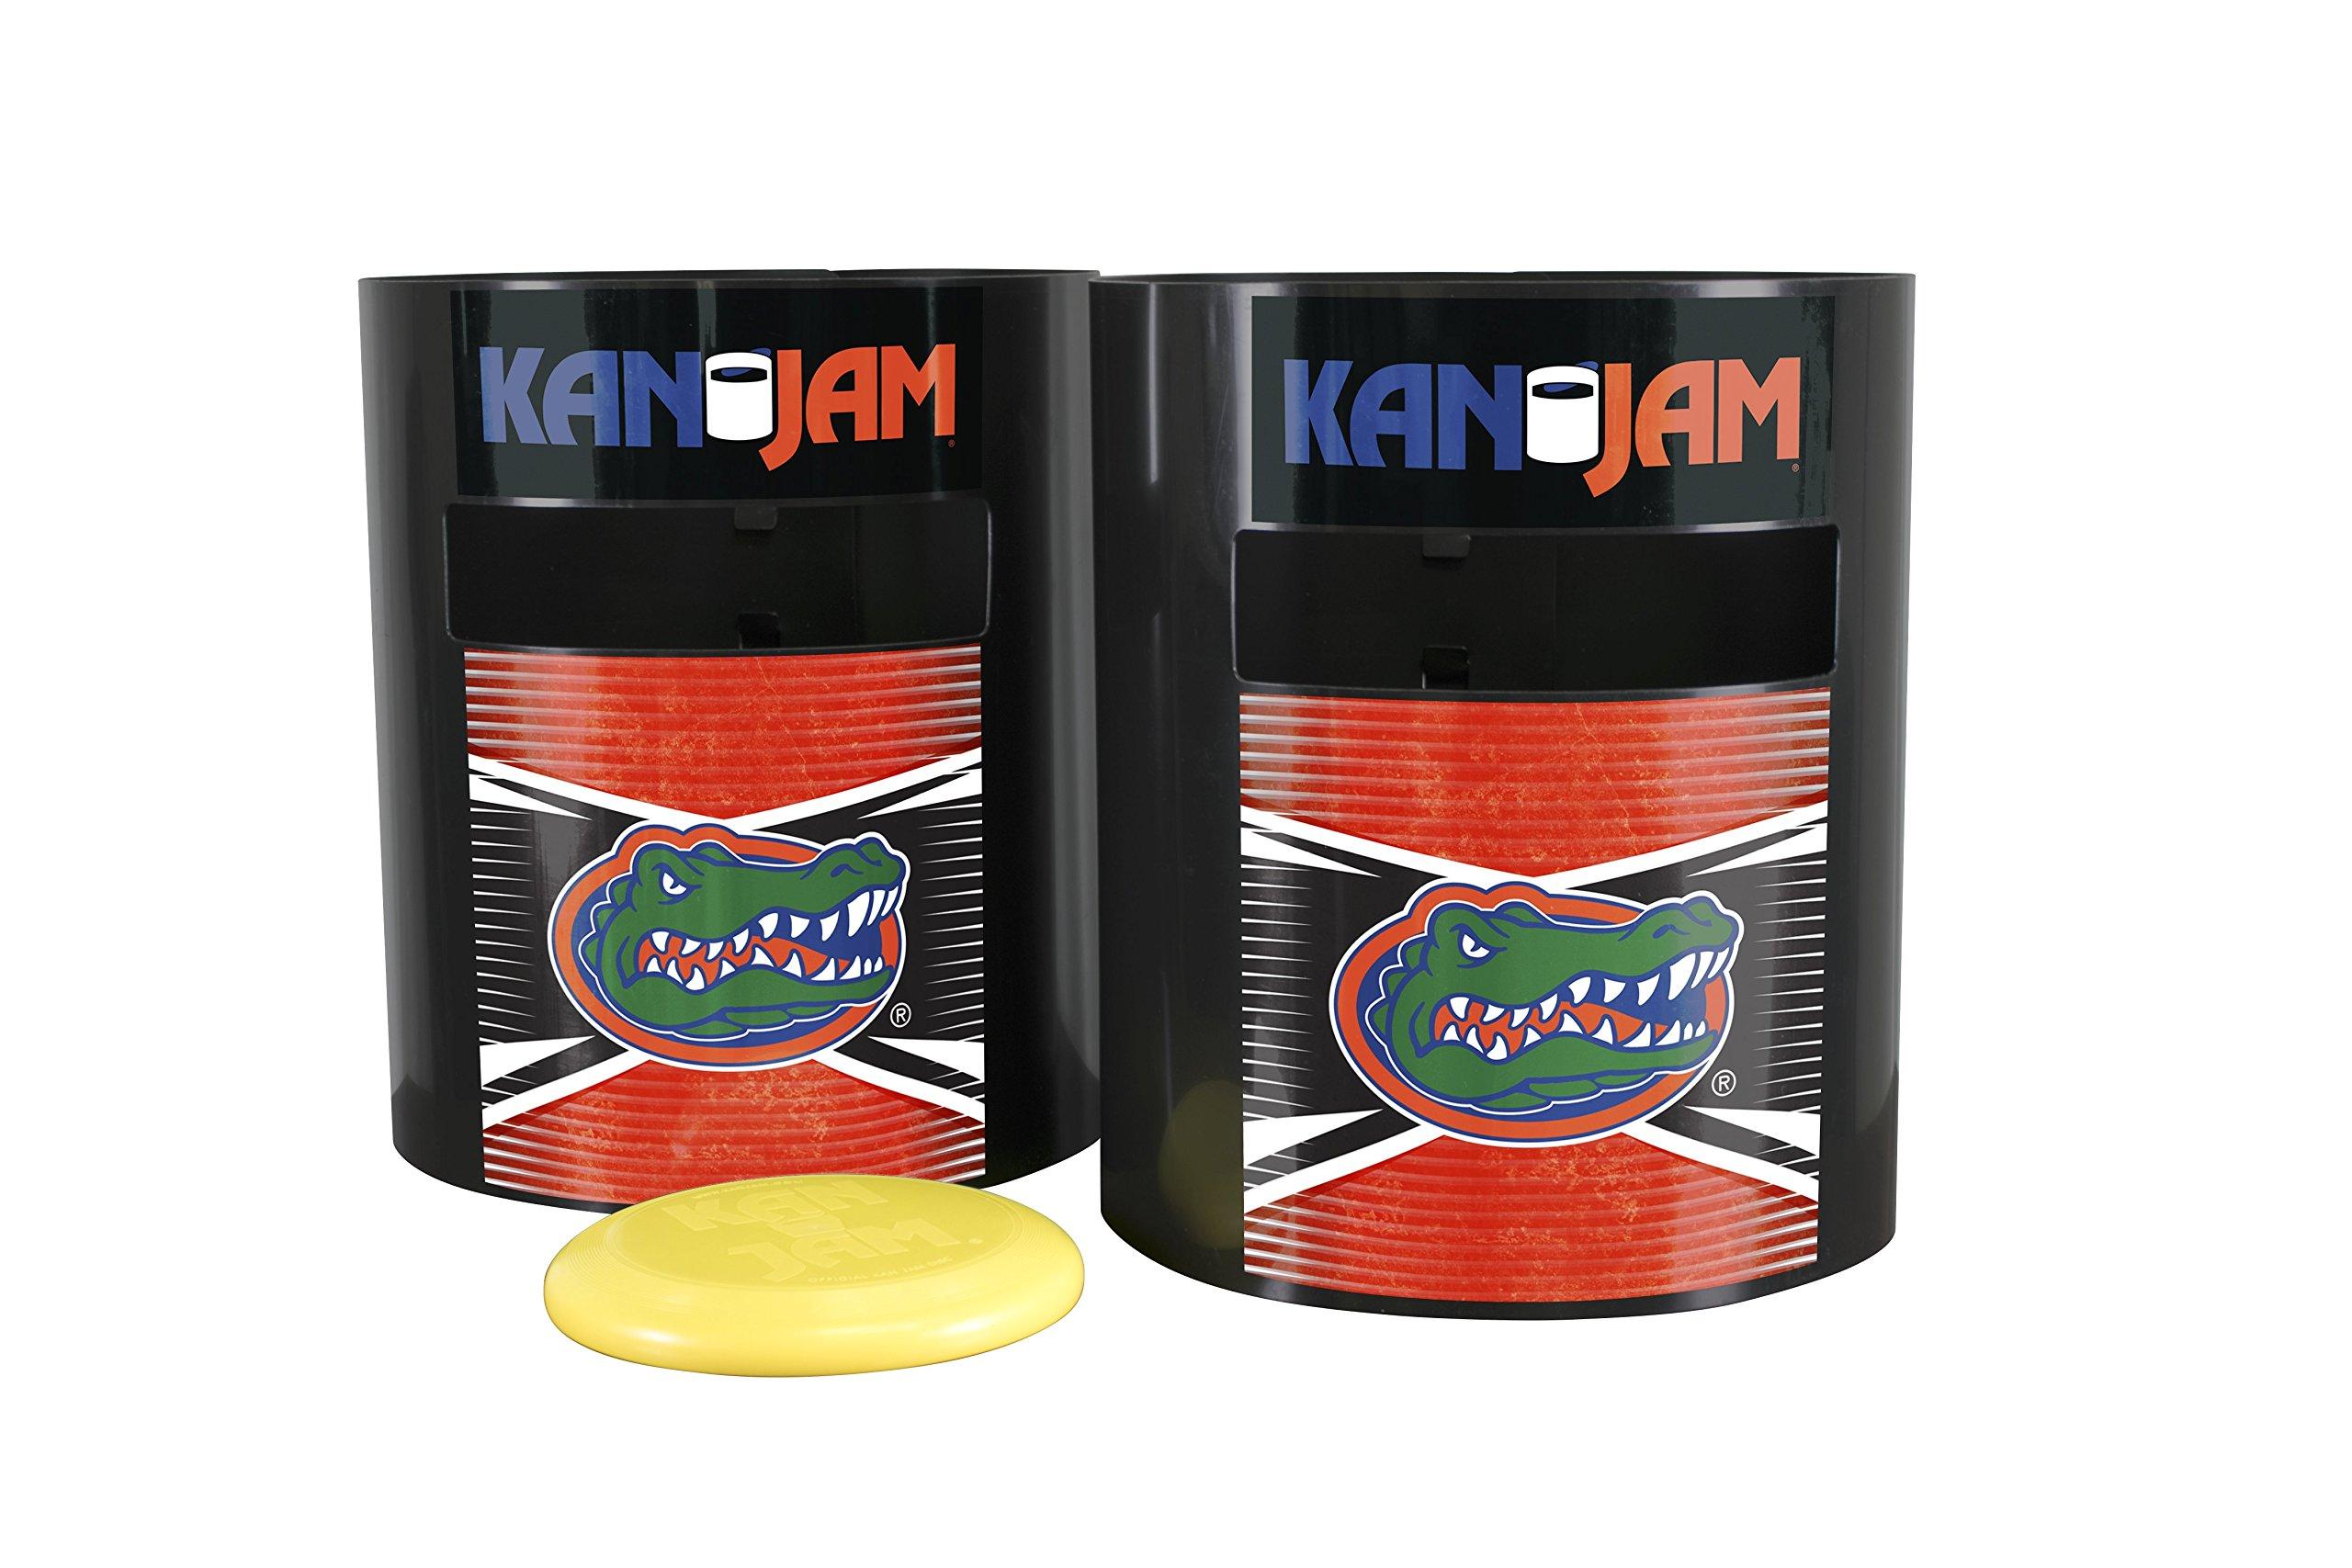 Kan Jam NCAA Florida Gators Disc Gameflorida Gators Disc Game, Team Color, 11.875'' x 20'' x 9''